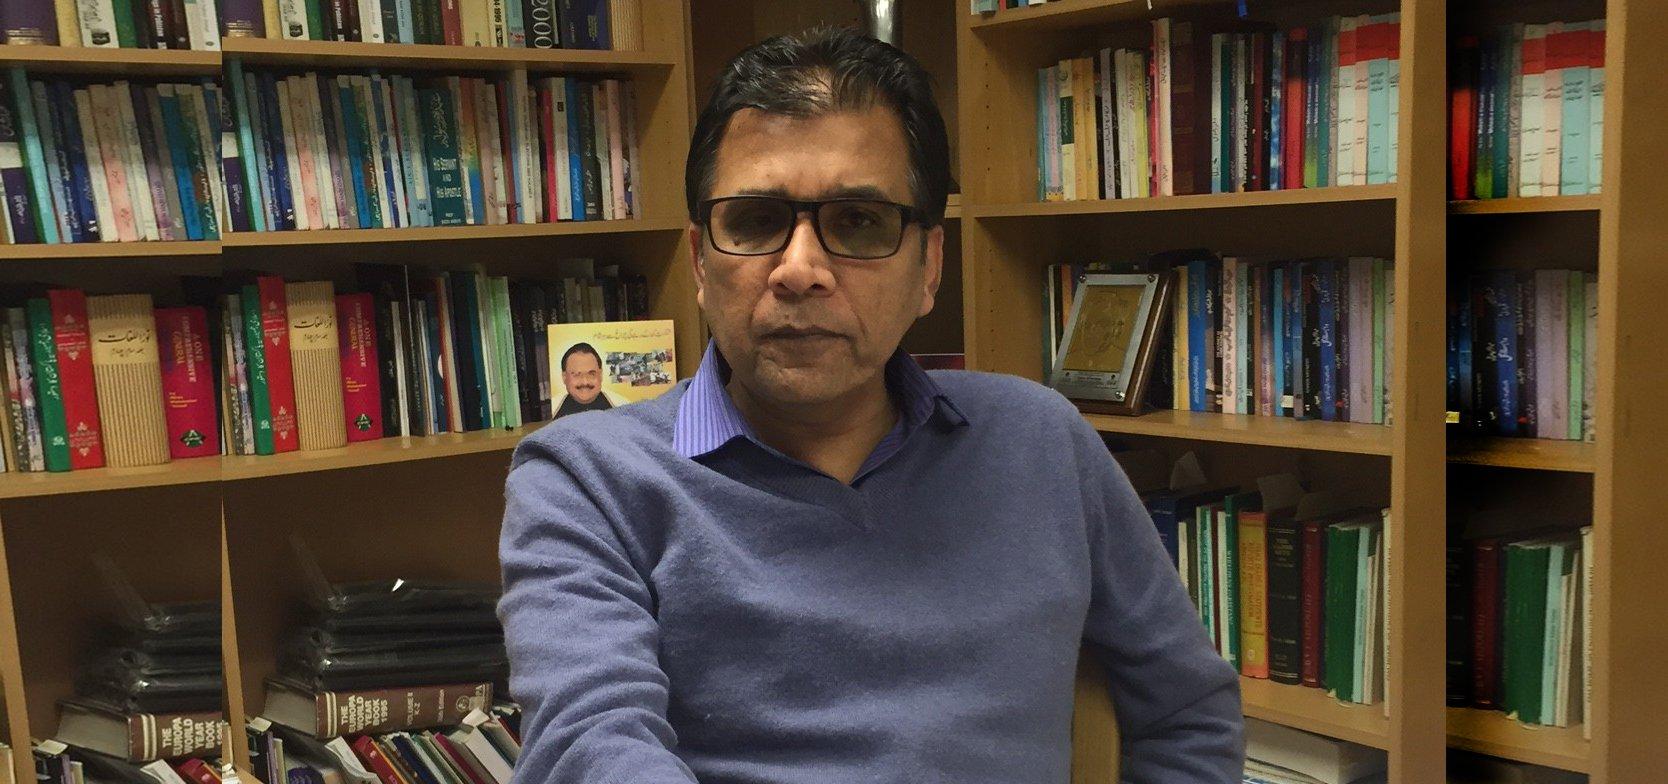 nadeem nusrat denies reports he s parted ways with altaf hussain